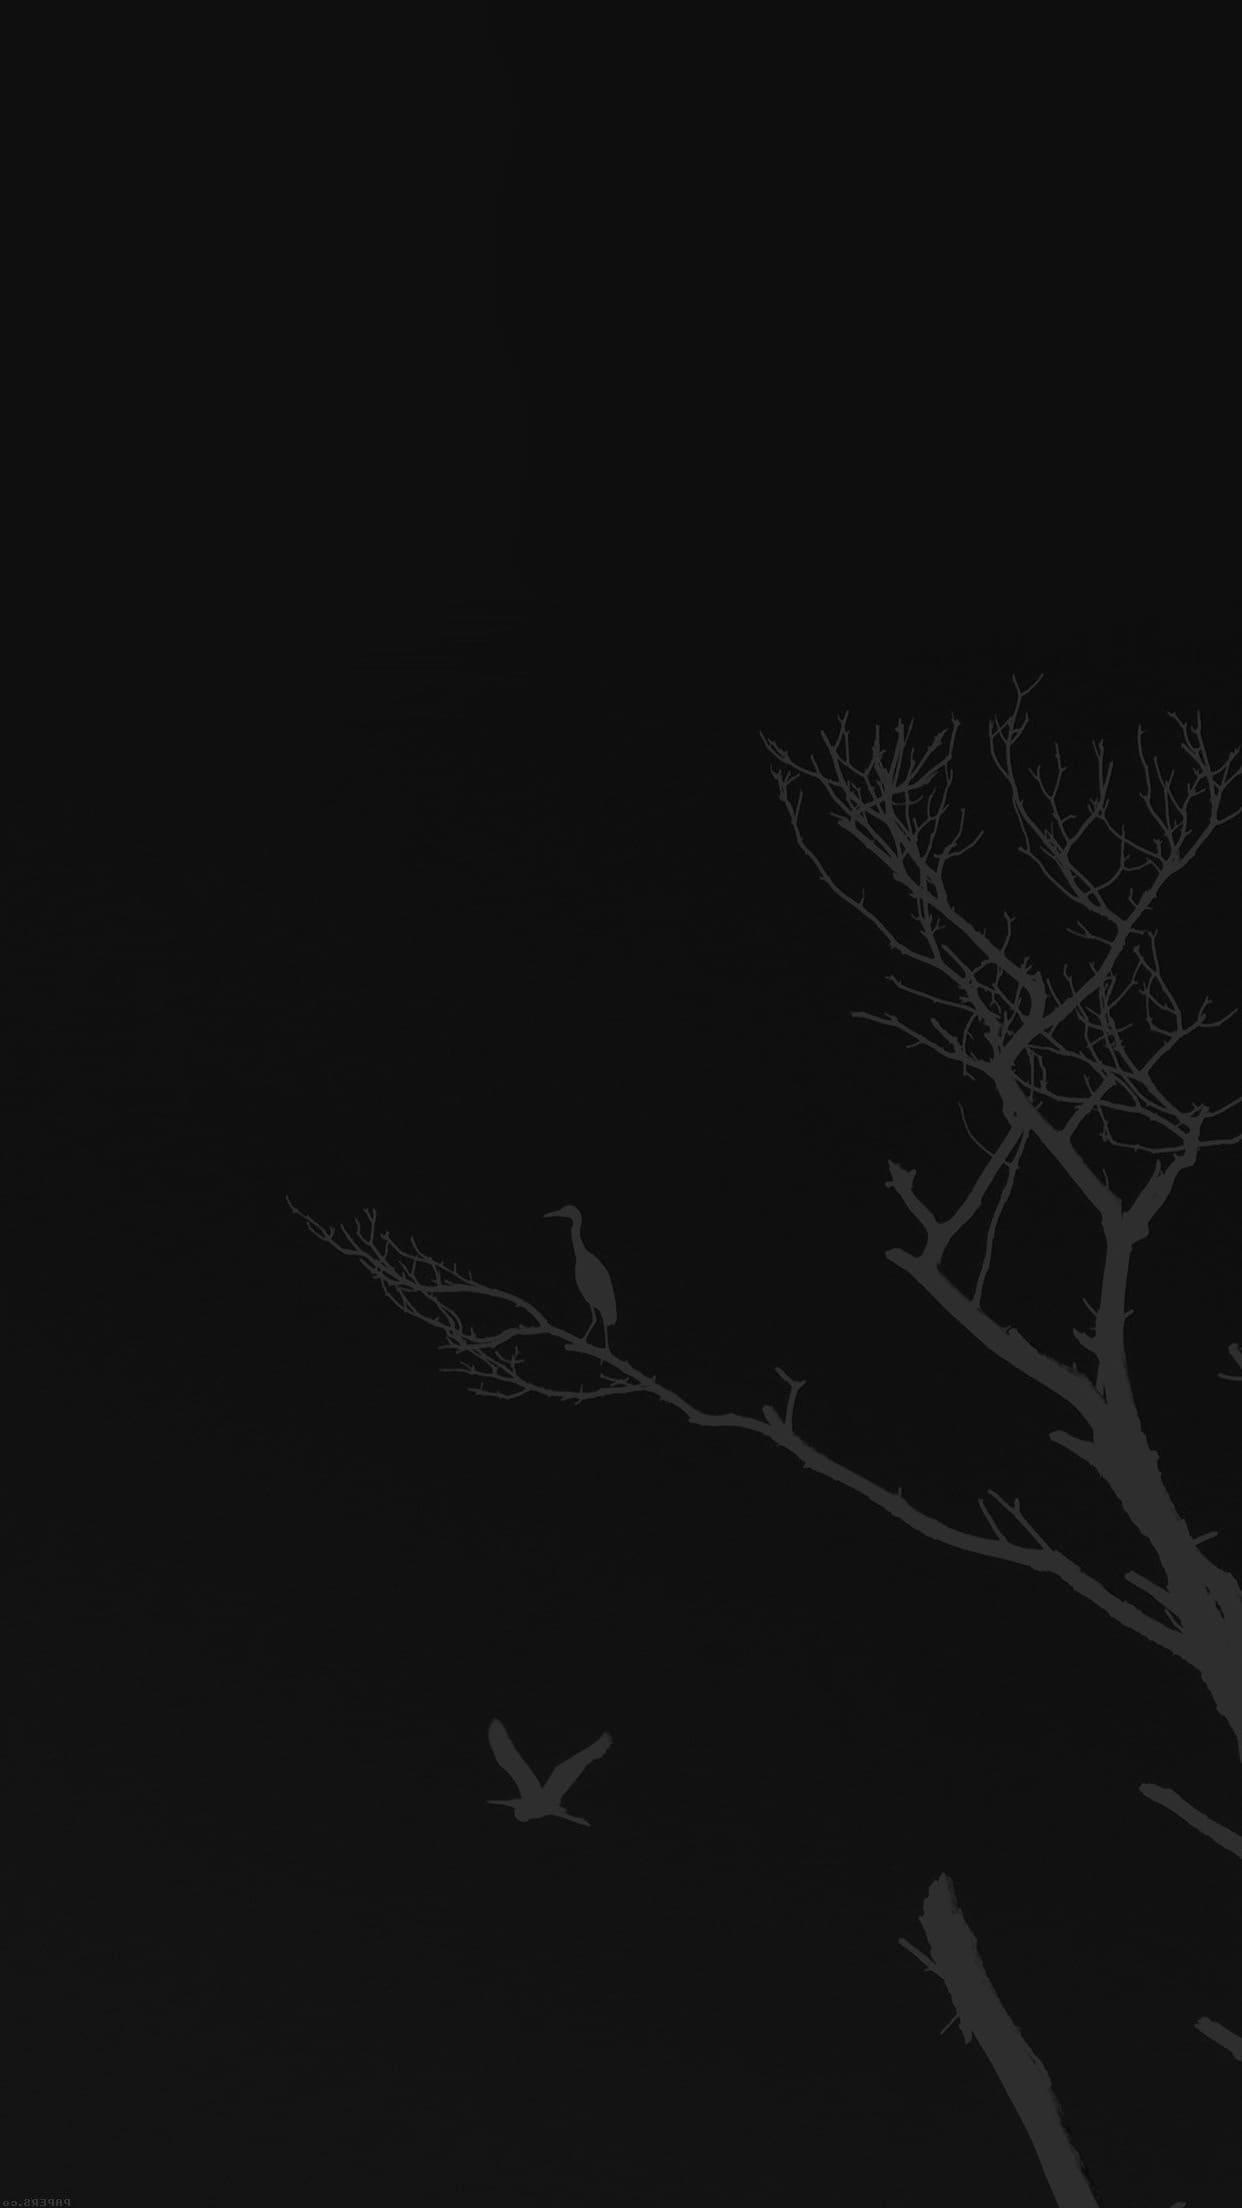 темные аниме обои на телефон